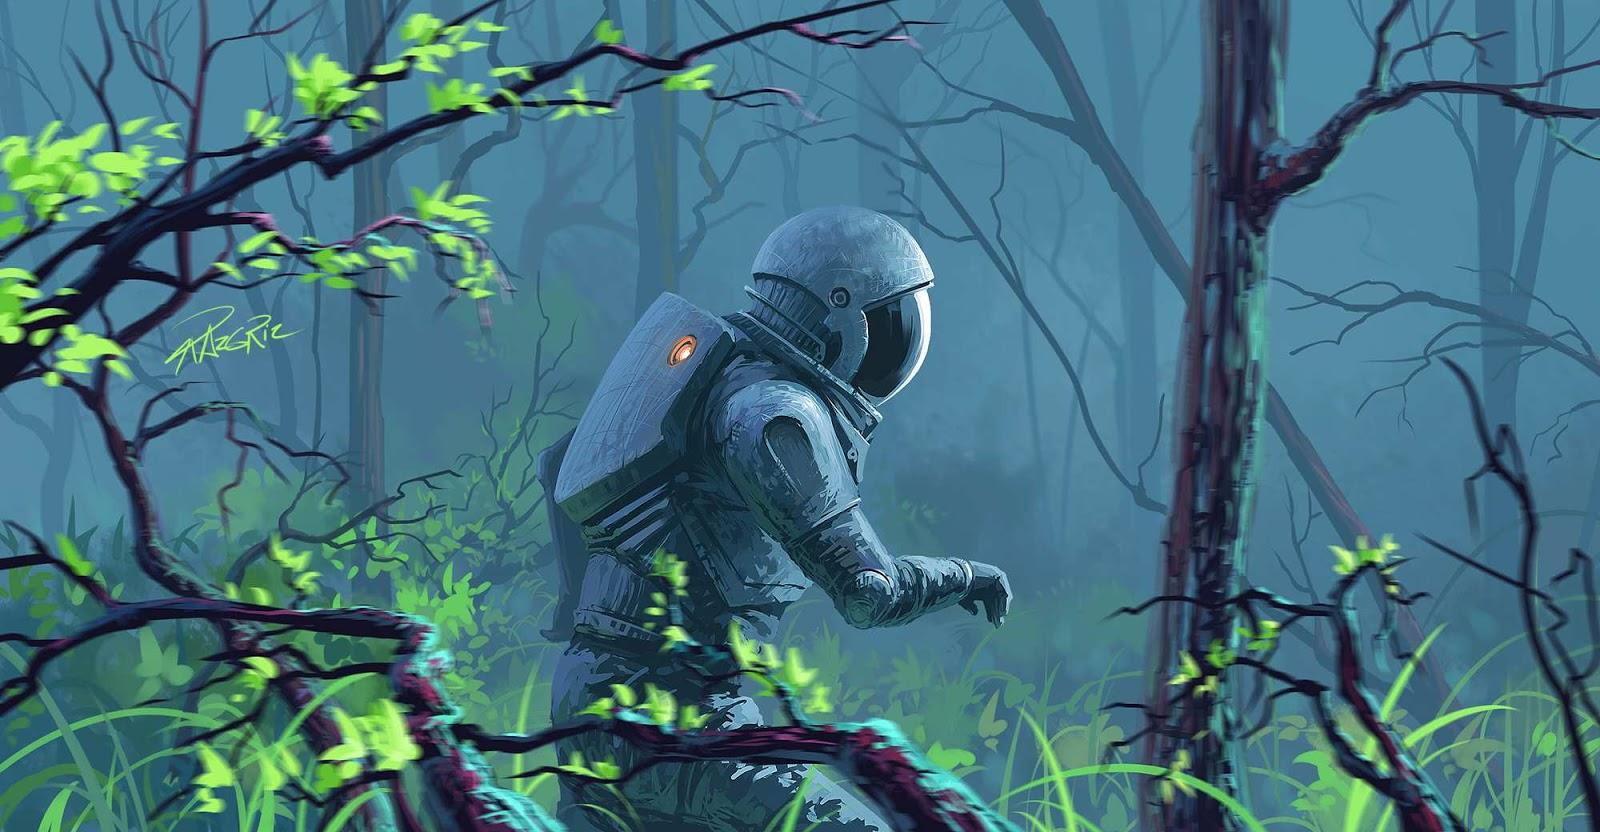 Astronaut by Roman Avseenko